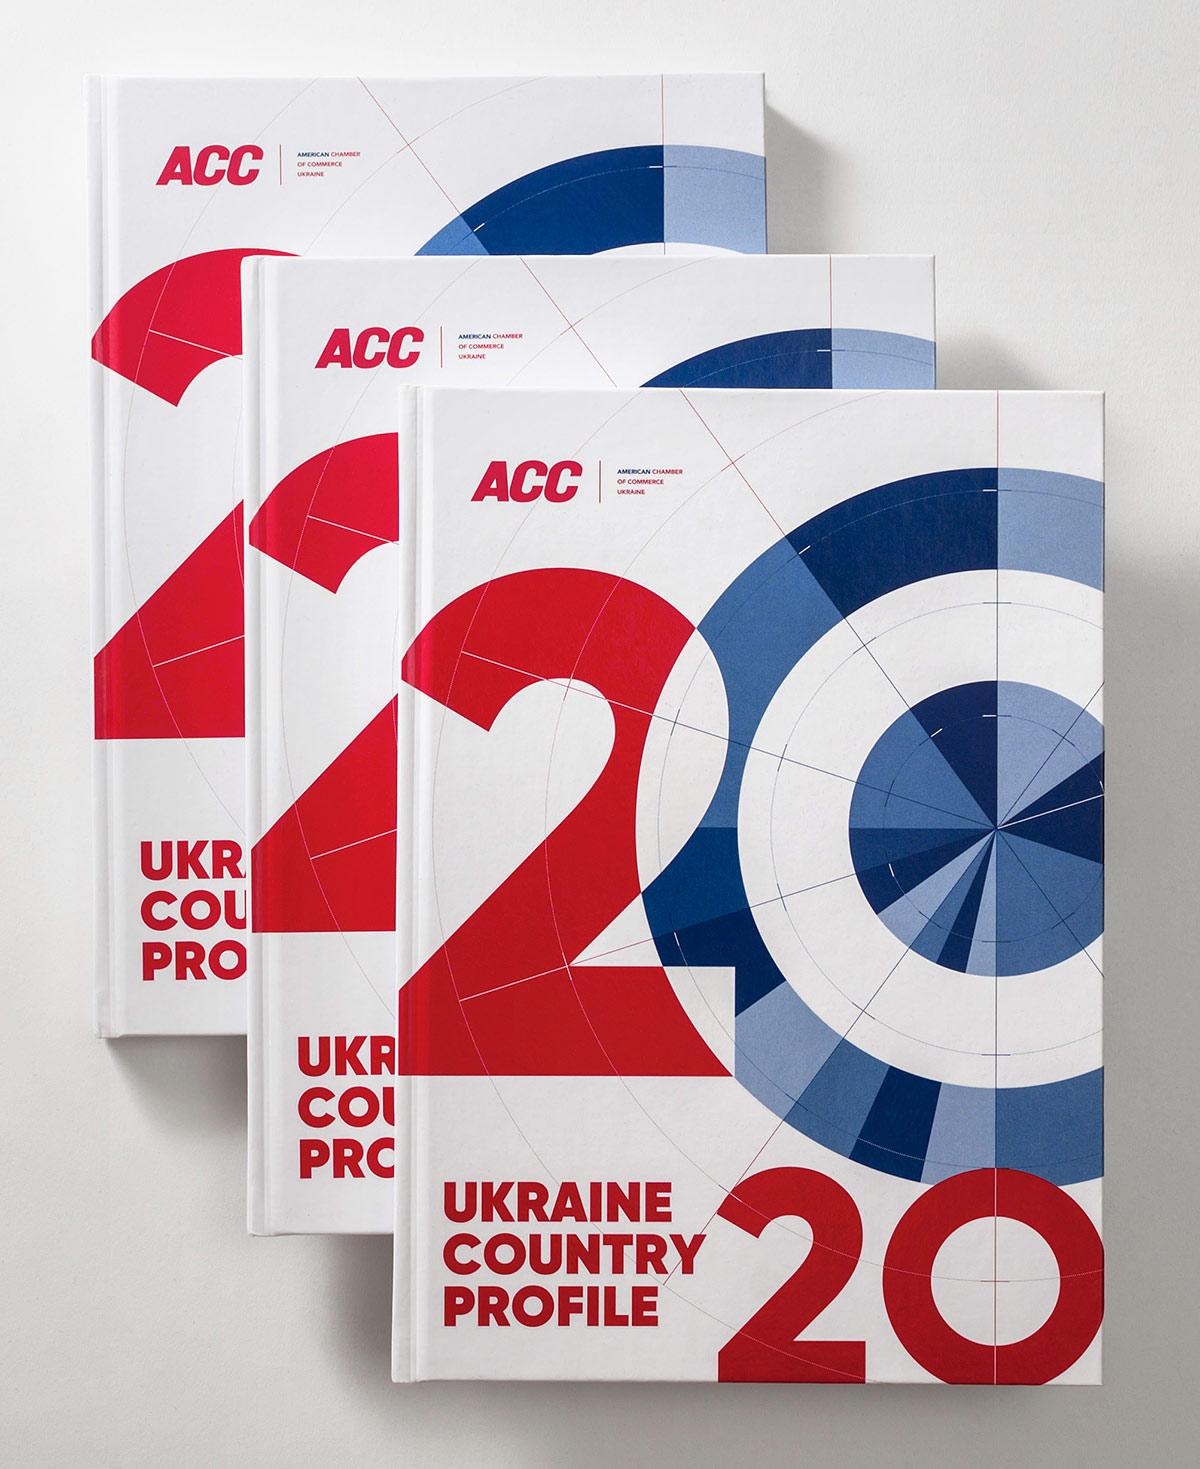 Обложка книги «Обзор экономики Украины» (Ukraine Country Profile) 2020. Американская торговая палата (ACC).